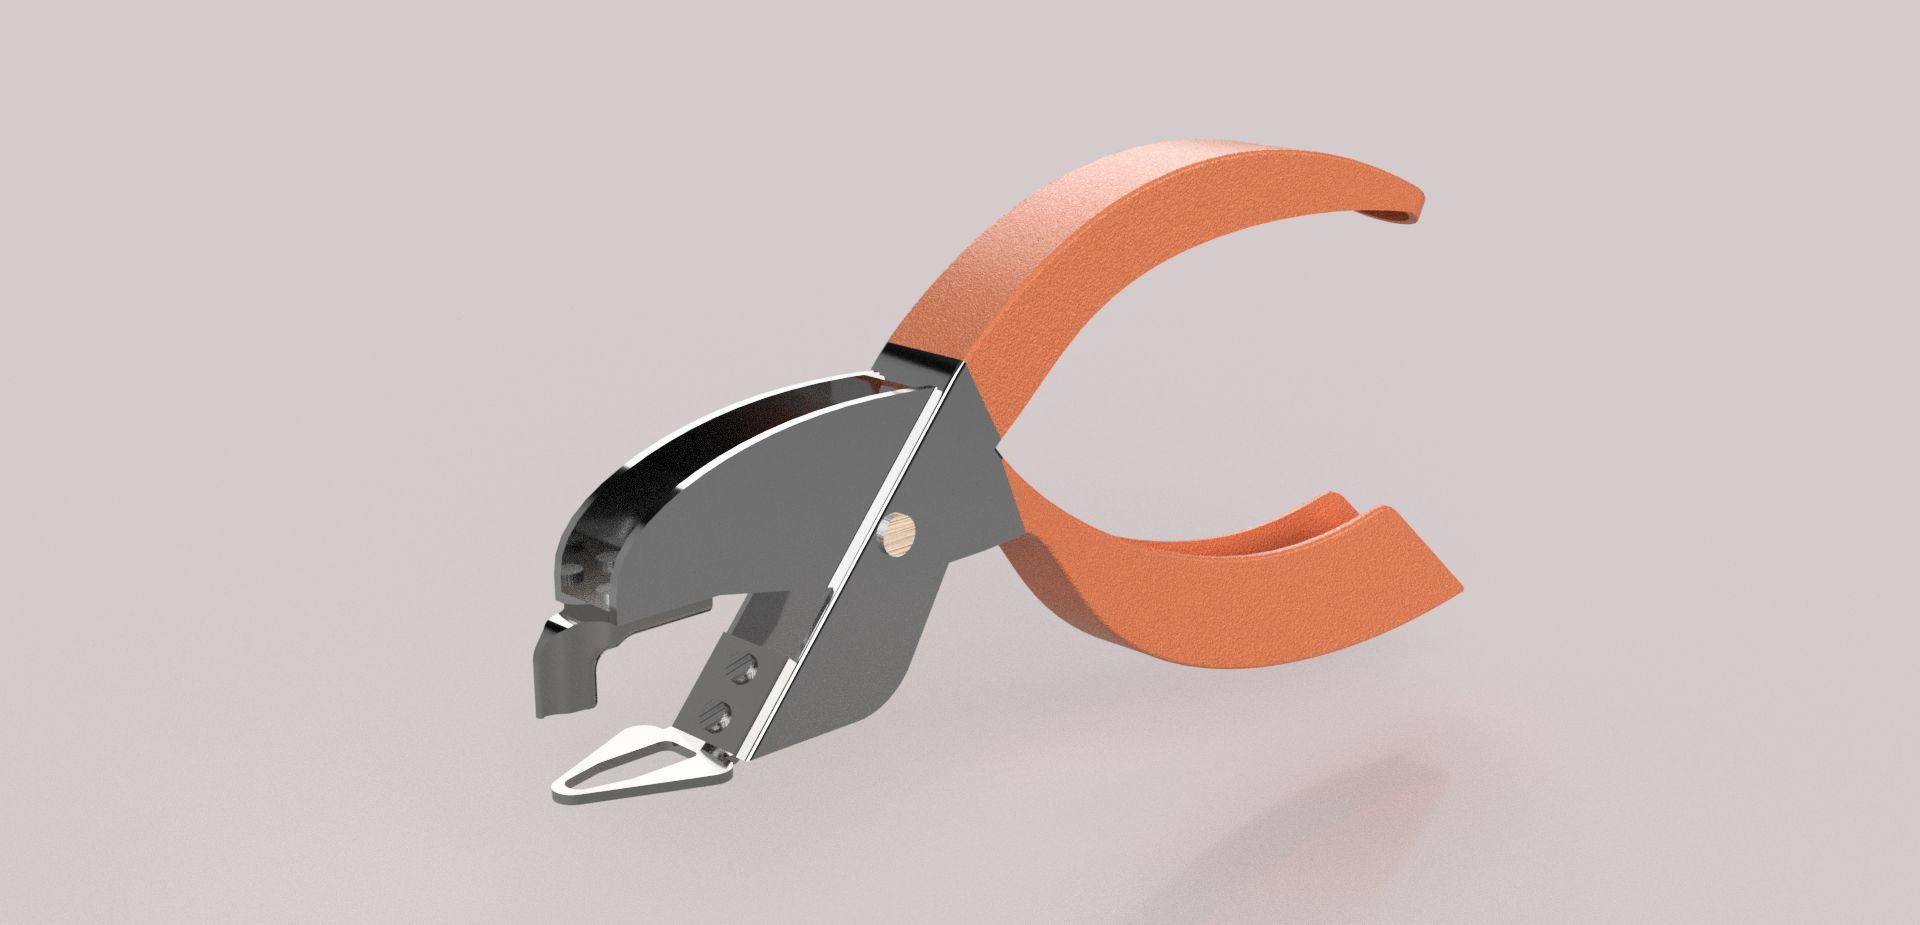 Staple-remover-v9-3500-3500